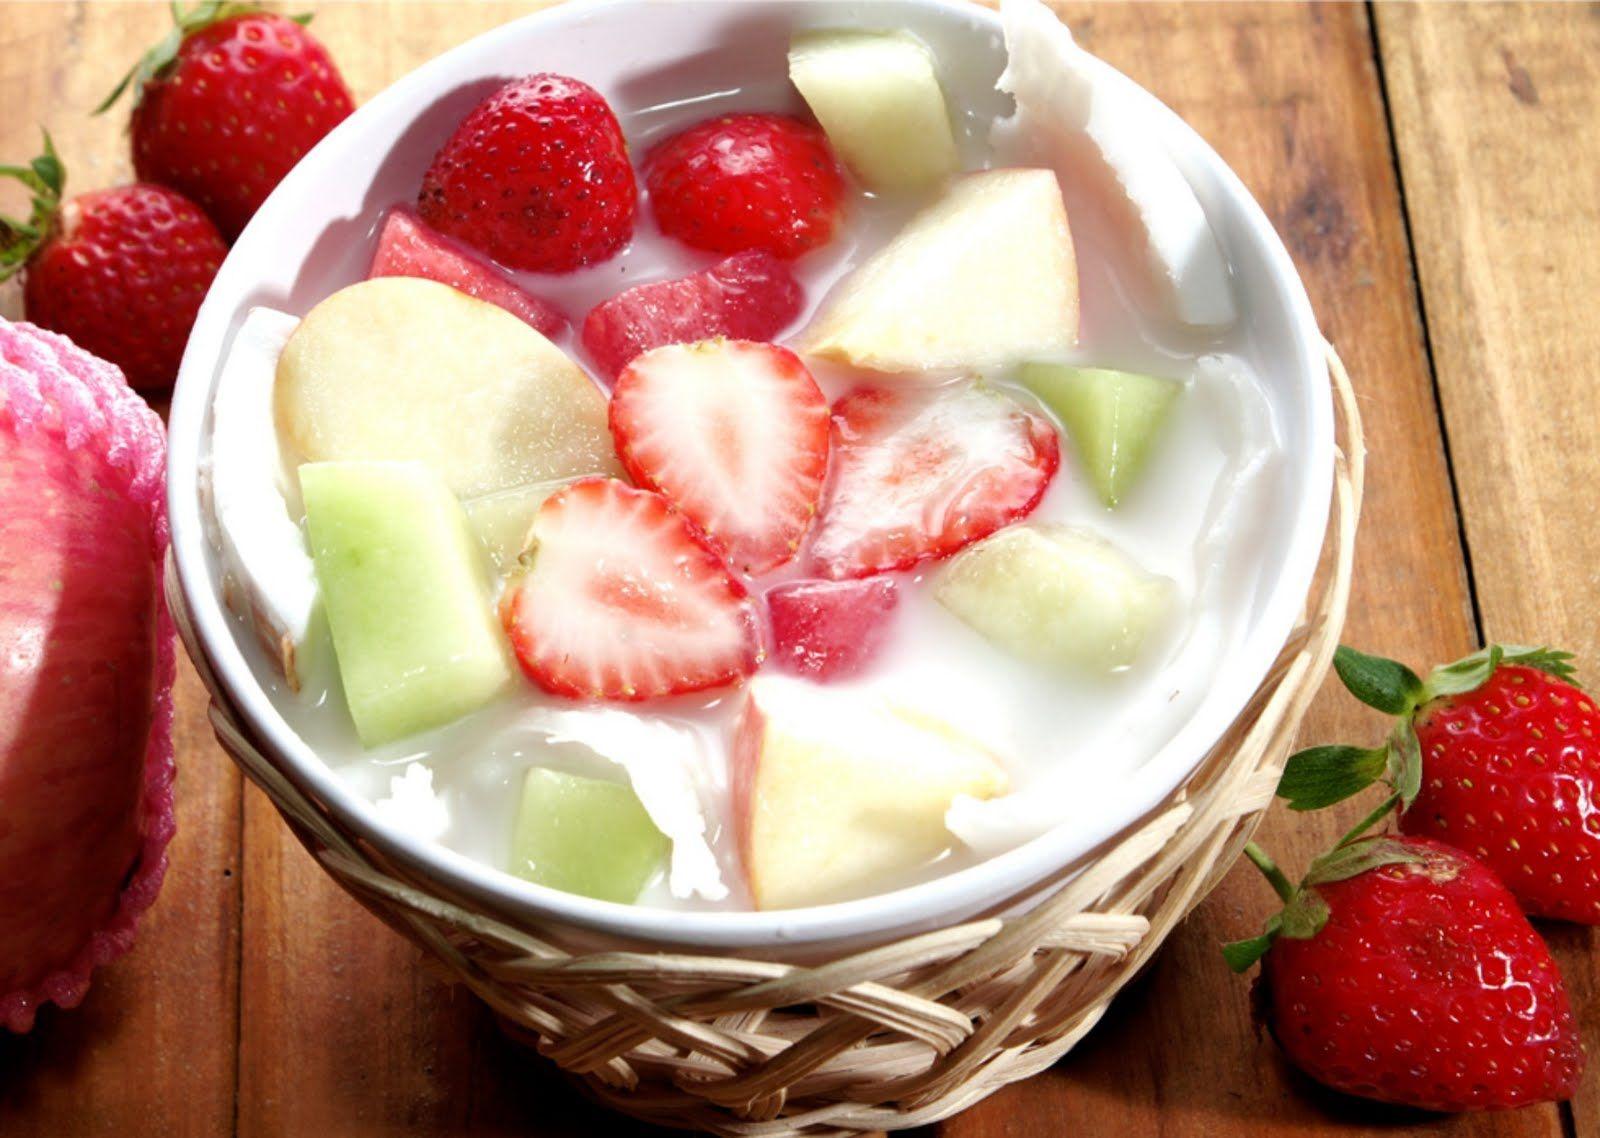 Resep Sop Buah Enak Segar Buah Segar Resep Resep Makanan Pembuka